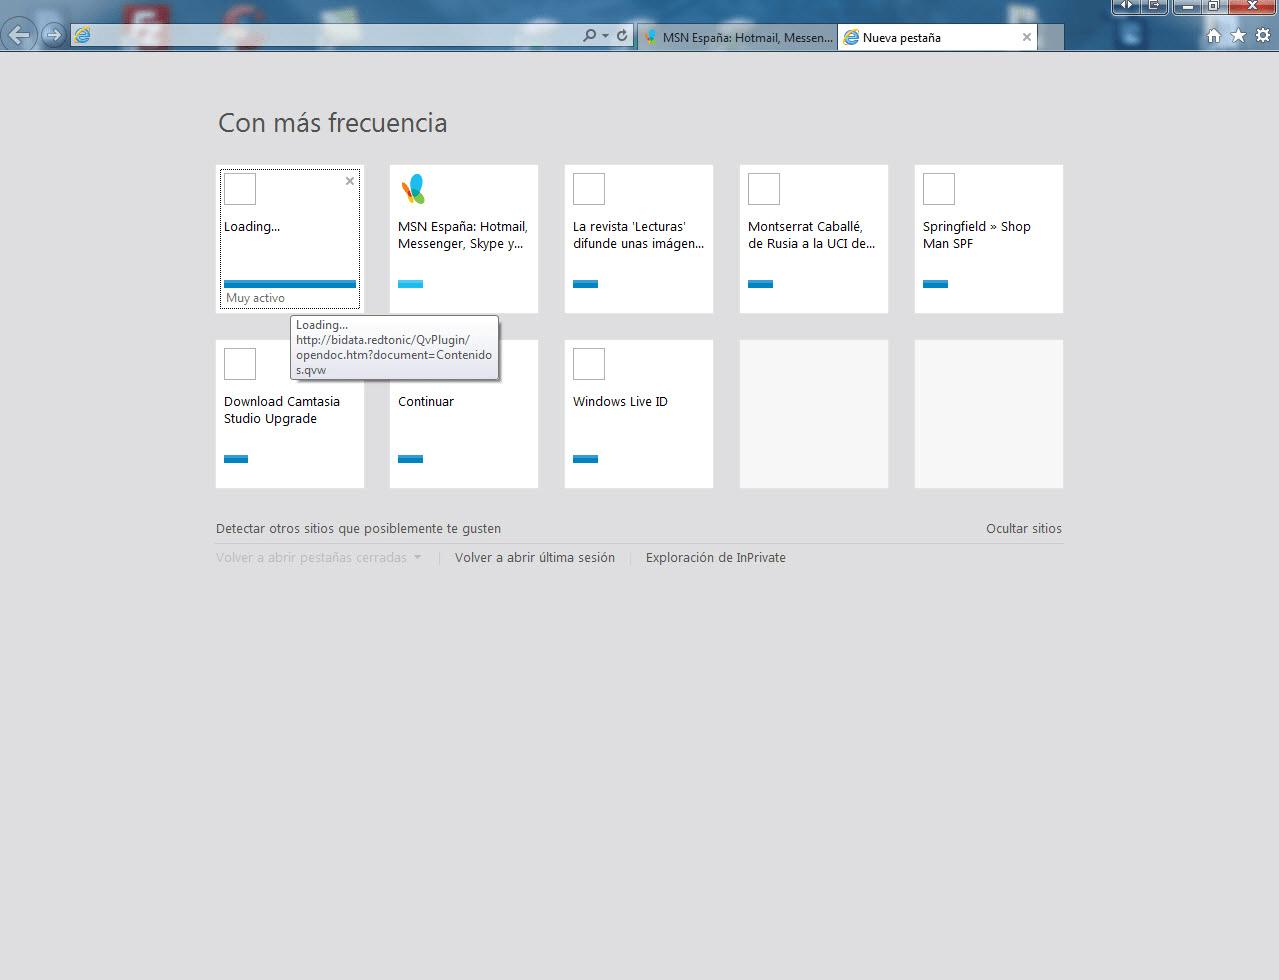 Plus rapide. Plus sûr. Internet Explorer 11 est le navigateur recommandé pour Windows 7. Les actualités du monde entier Télécharger l'extension Bing + MSN. Non merci Ajouter Internet Explorer 11 pour les professionnels de l'informatique et les développeurs pour Windows 7 Édition 64 bits et Windows Server 2008 R2 Édition 64 bits